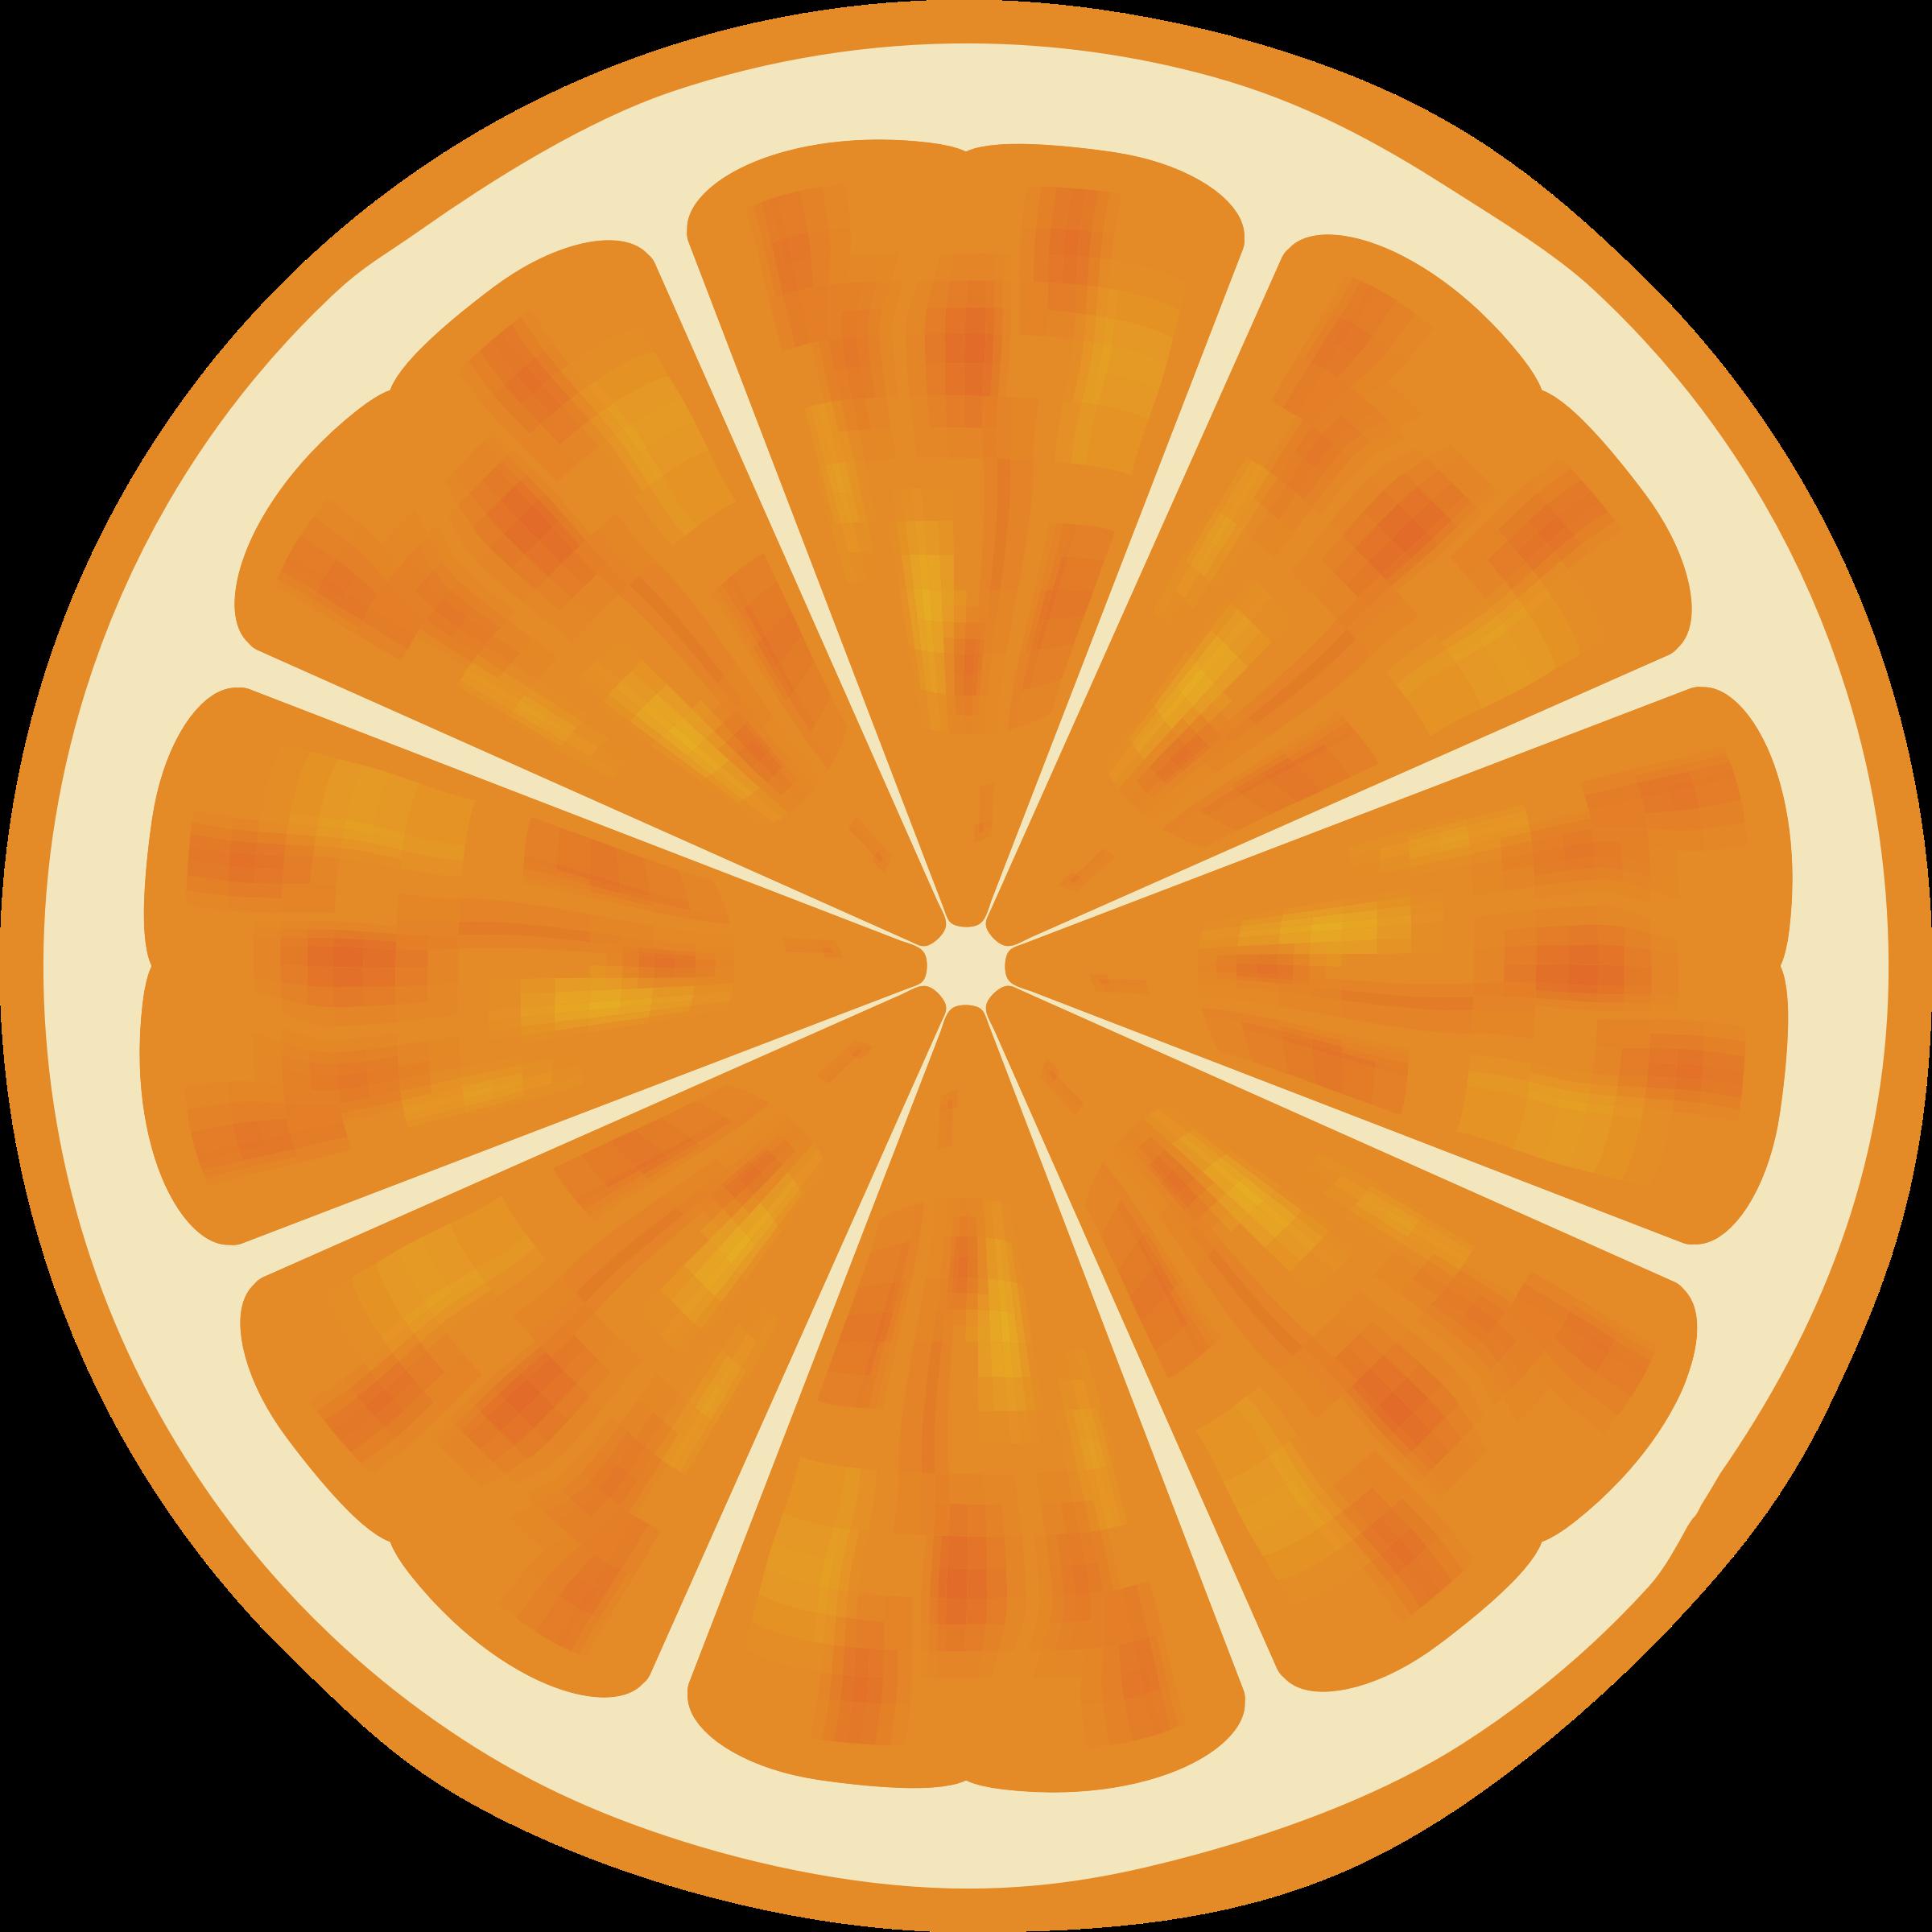 Number 2 clipart orange. Slice big image png